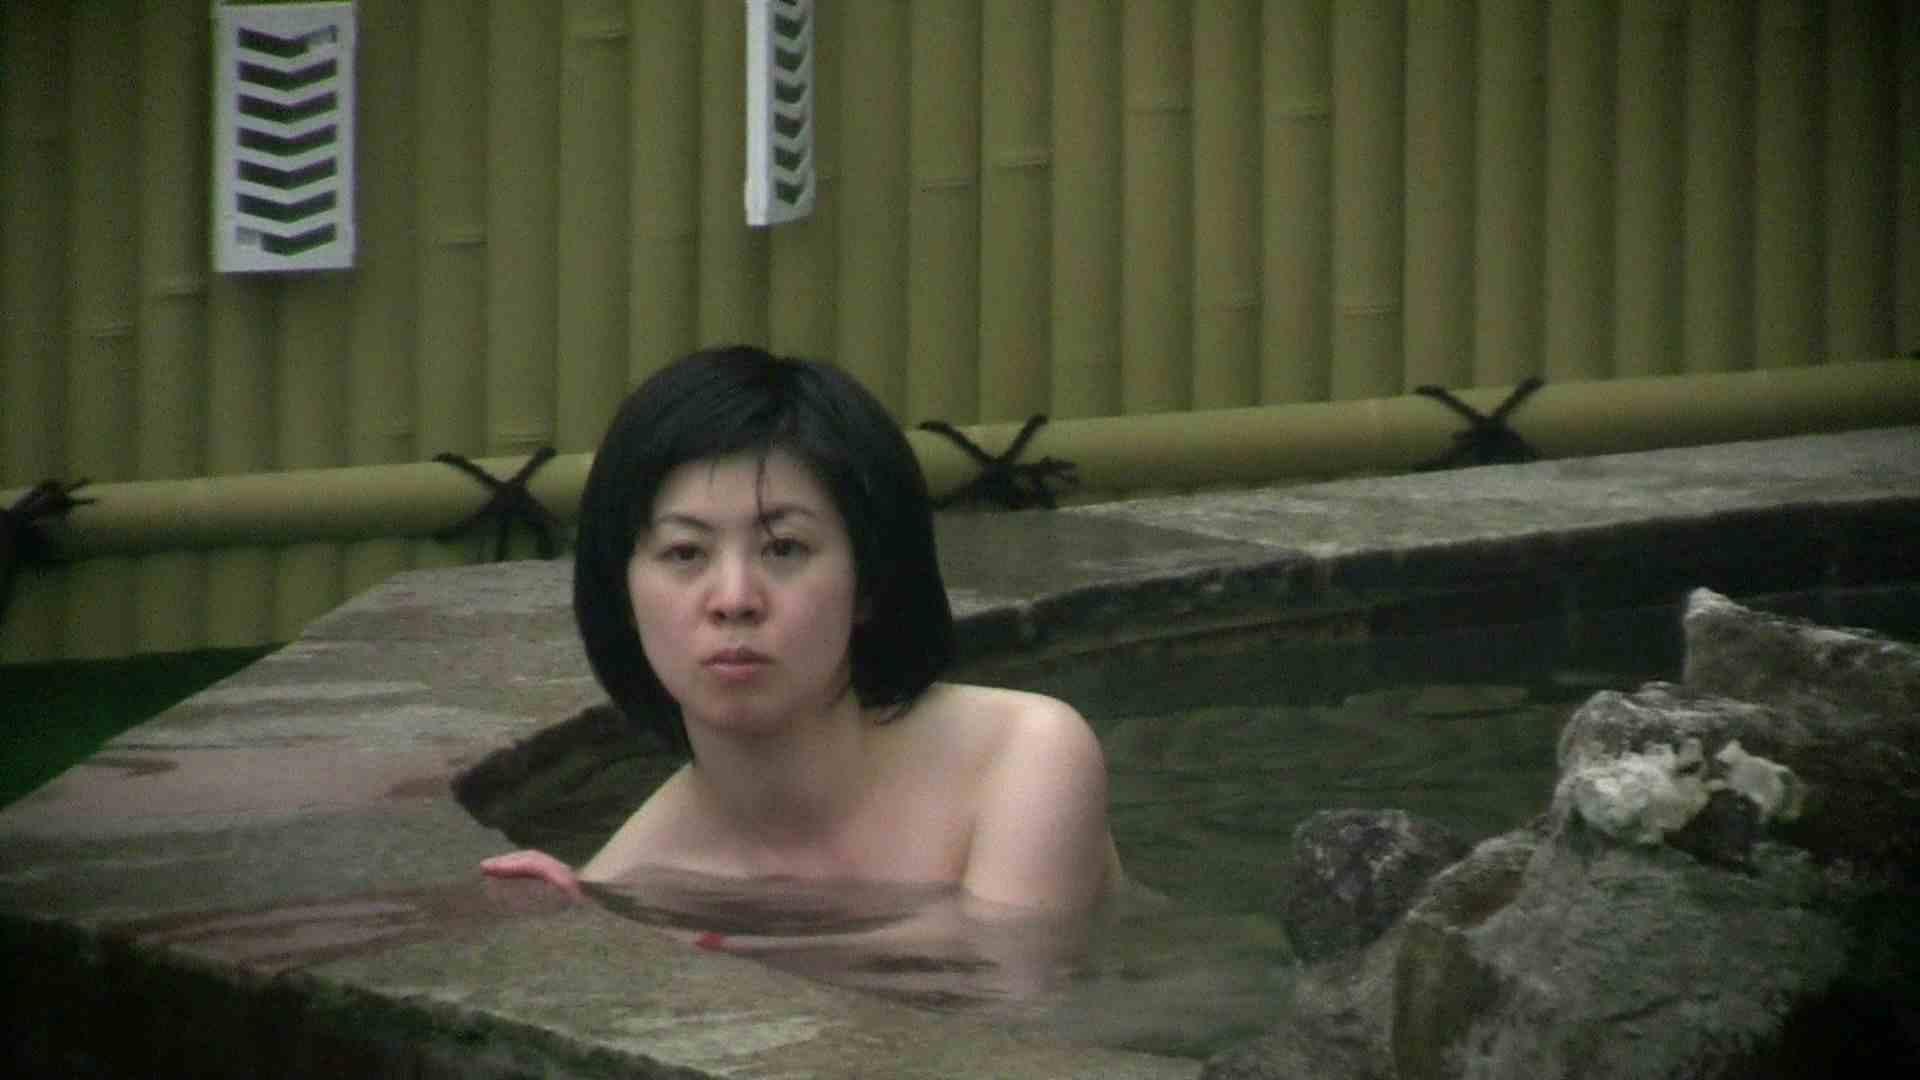 Aquaな露天風呂Vol.685 盗撮シリーズ  95PIX 30